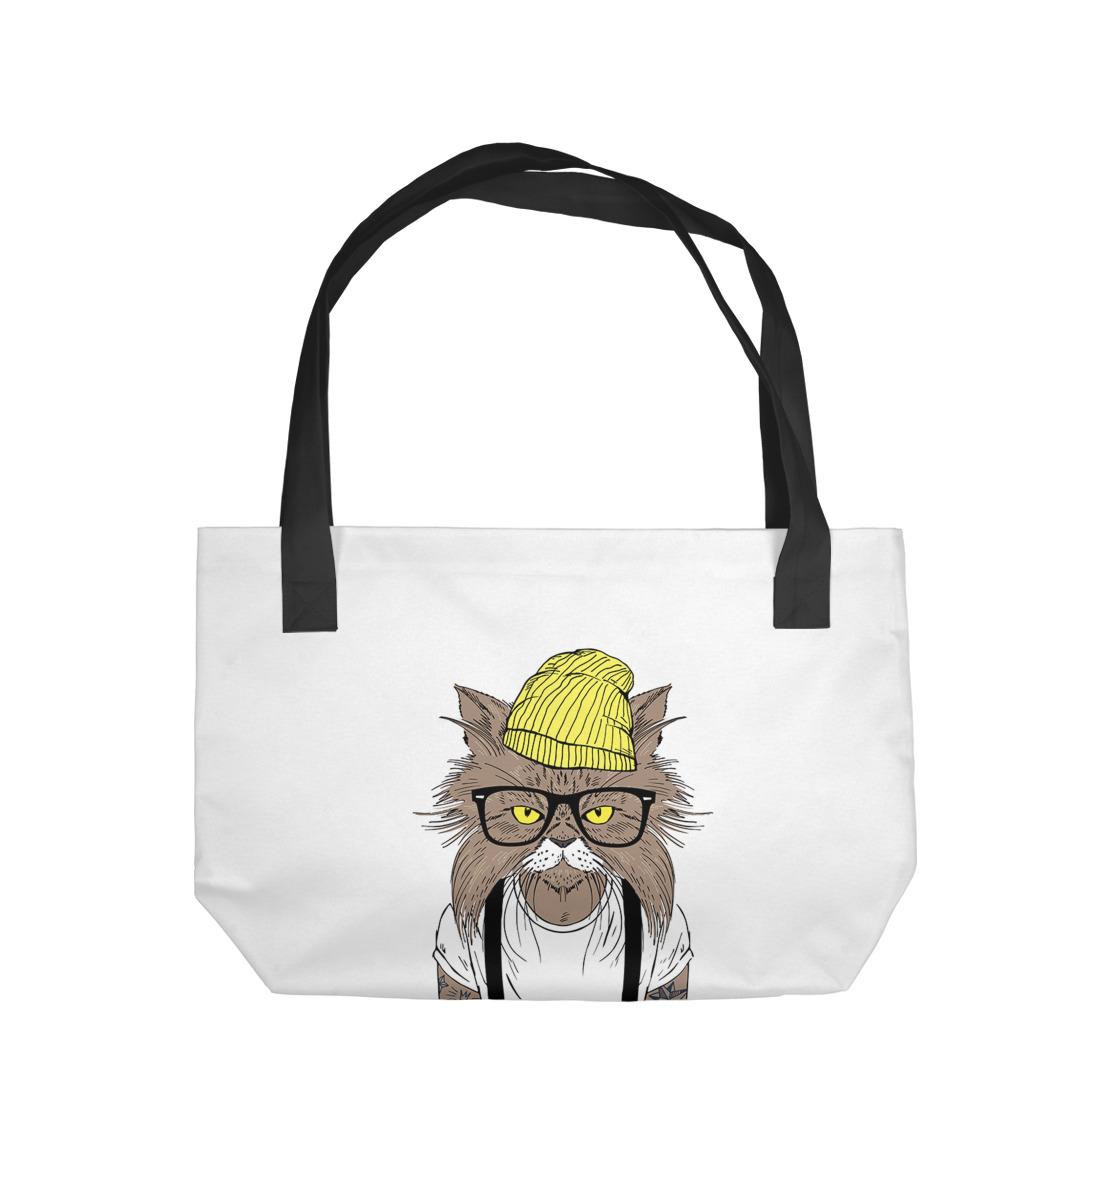 Фото - Кот хипстер яркий кот хипстер